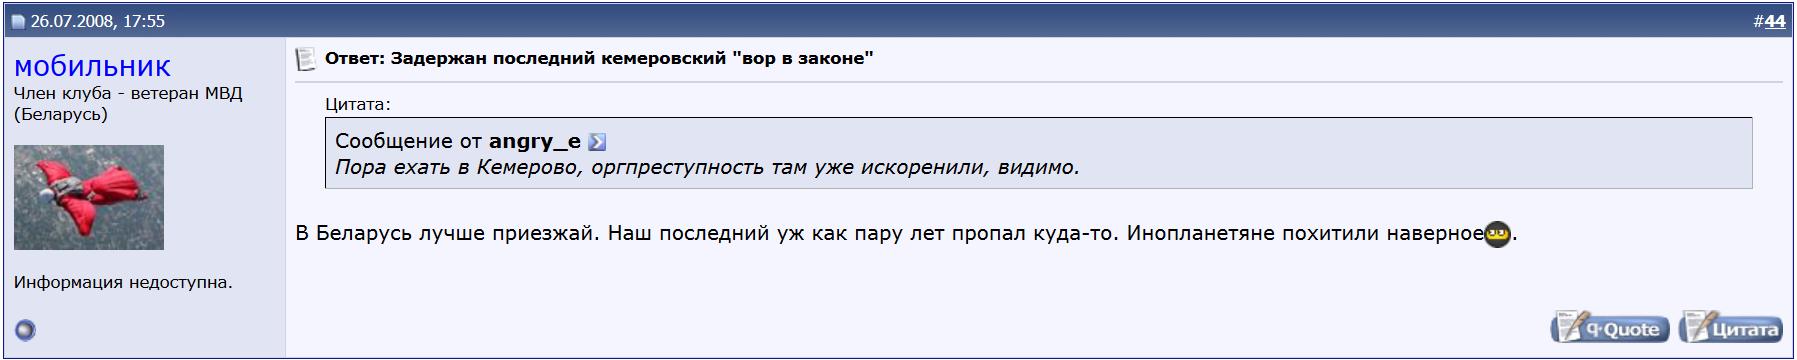 Цитата: в Белоруссии воров в законе тоже почему-то нет...